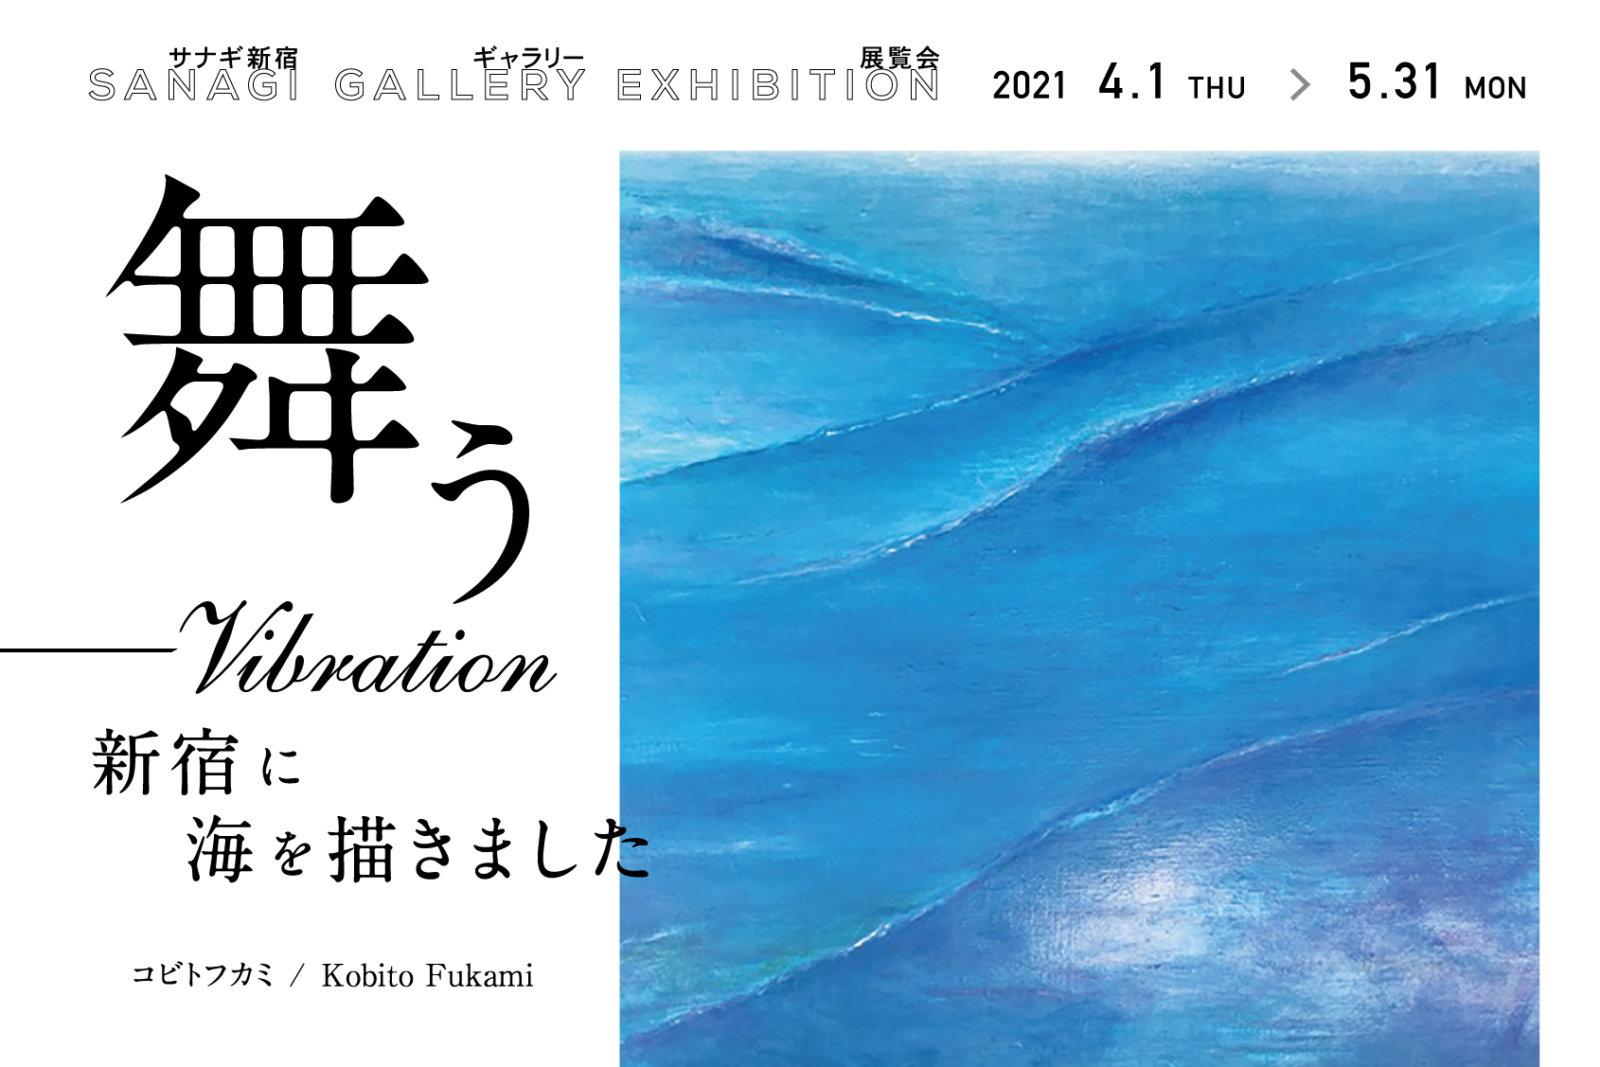 カフェ&クリエイティブスペース『サナギ 新宿』、コビトフカミ「舞う_vibration 新宿に海を描きました」の展覧会を4月1日(木)より期間限定開催!<br><br>/サナギ 新宿